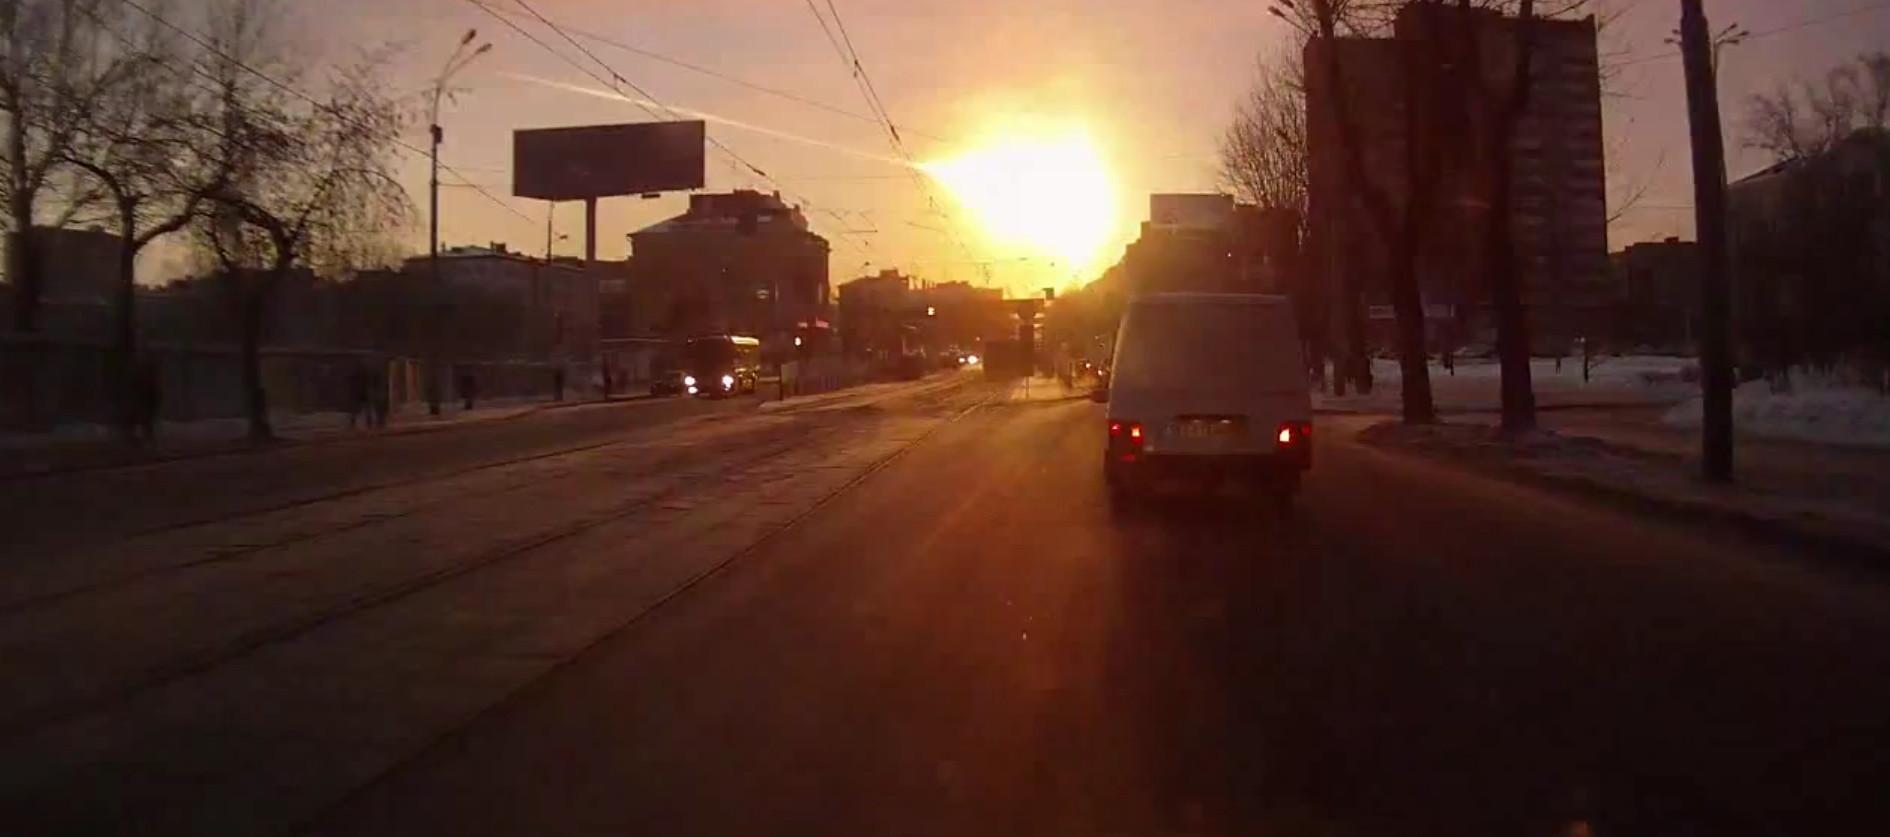 Светящийся шар (26.03.2013)